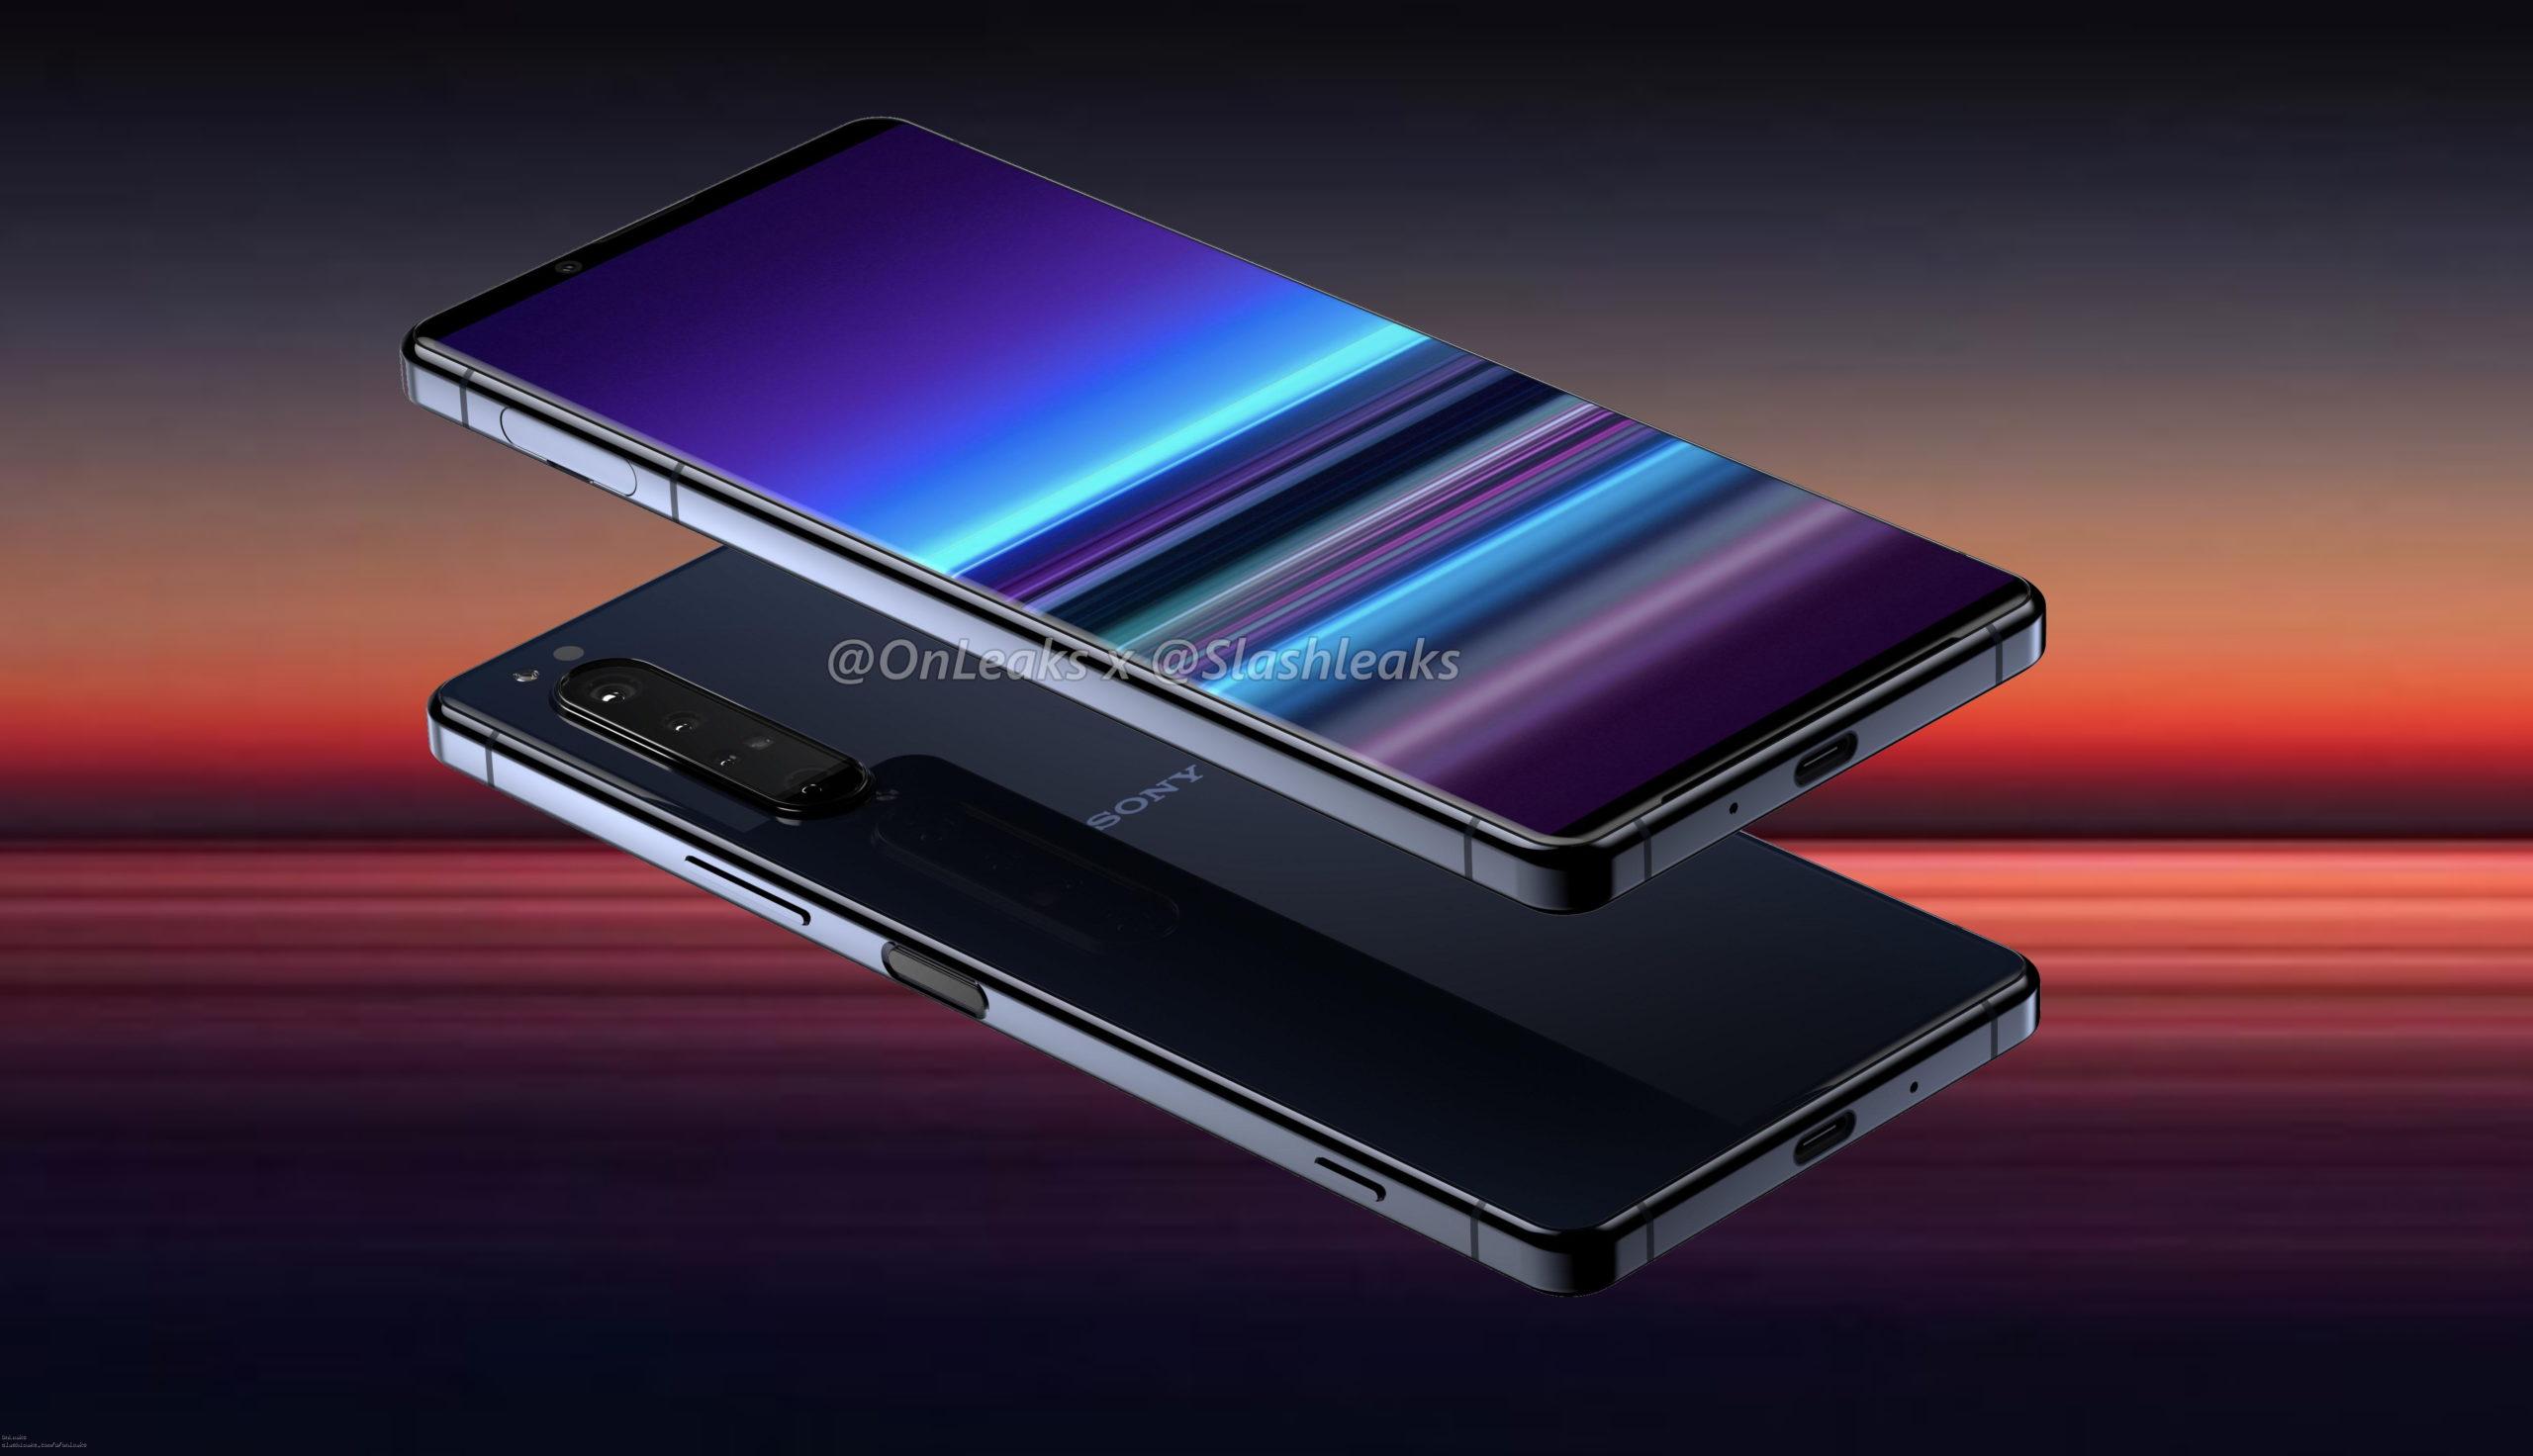 Sony anunciará sus dispositivos Xperia 2020 en MWC 2020;  Comenzó a enviar invitaciones!